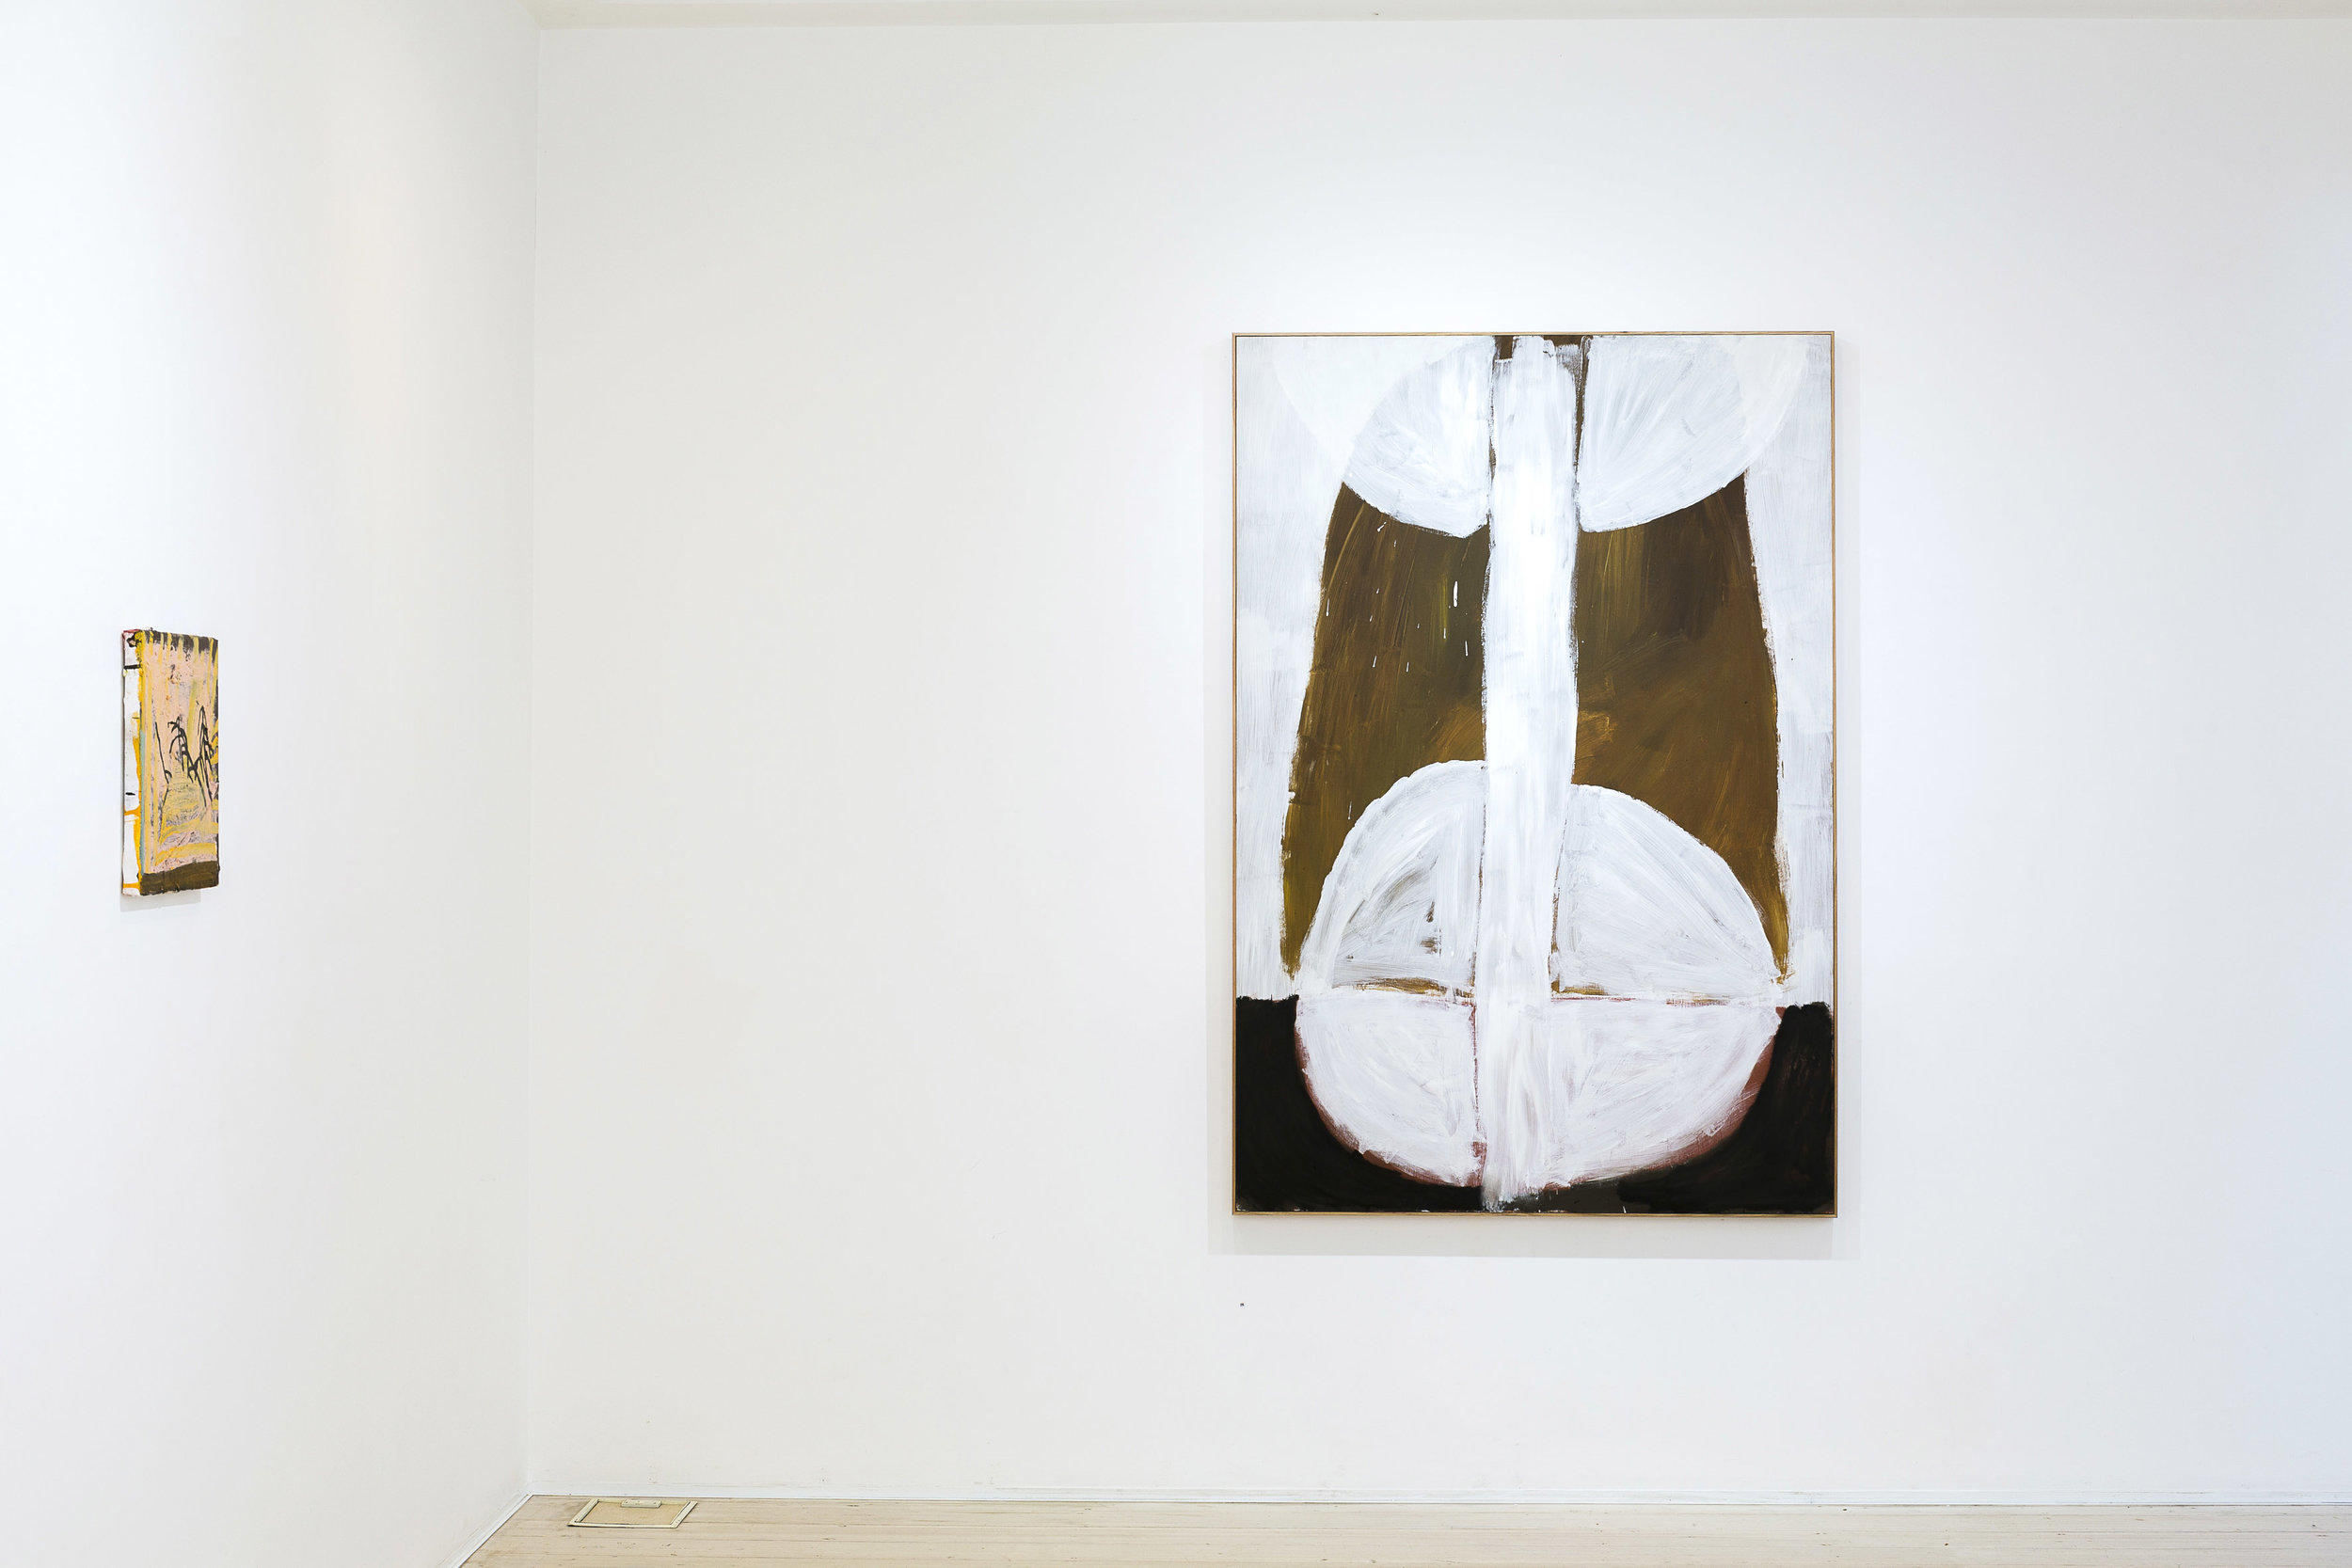 Teelah George, Lottie Consalvo, Gallery 9